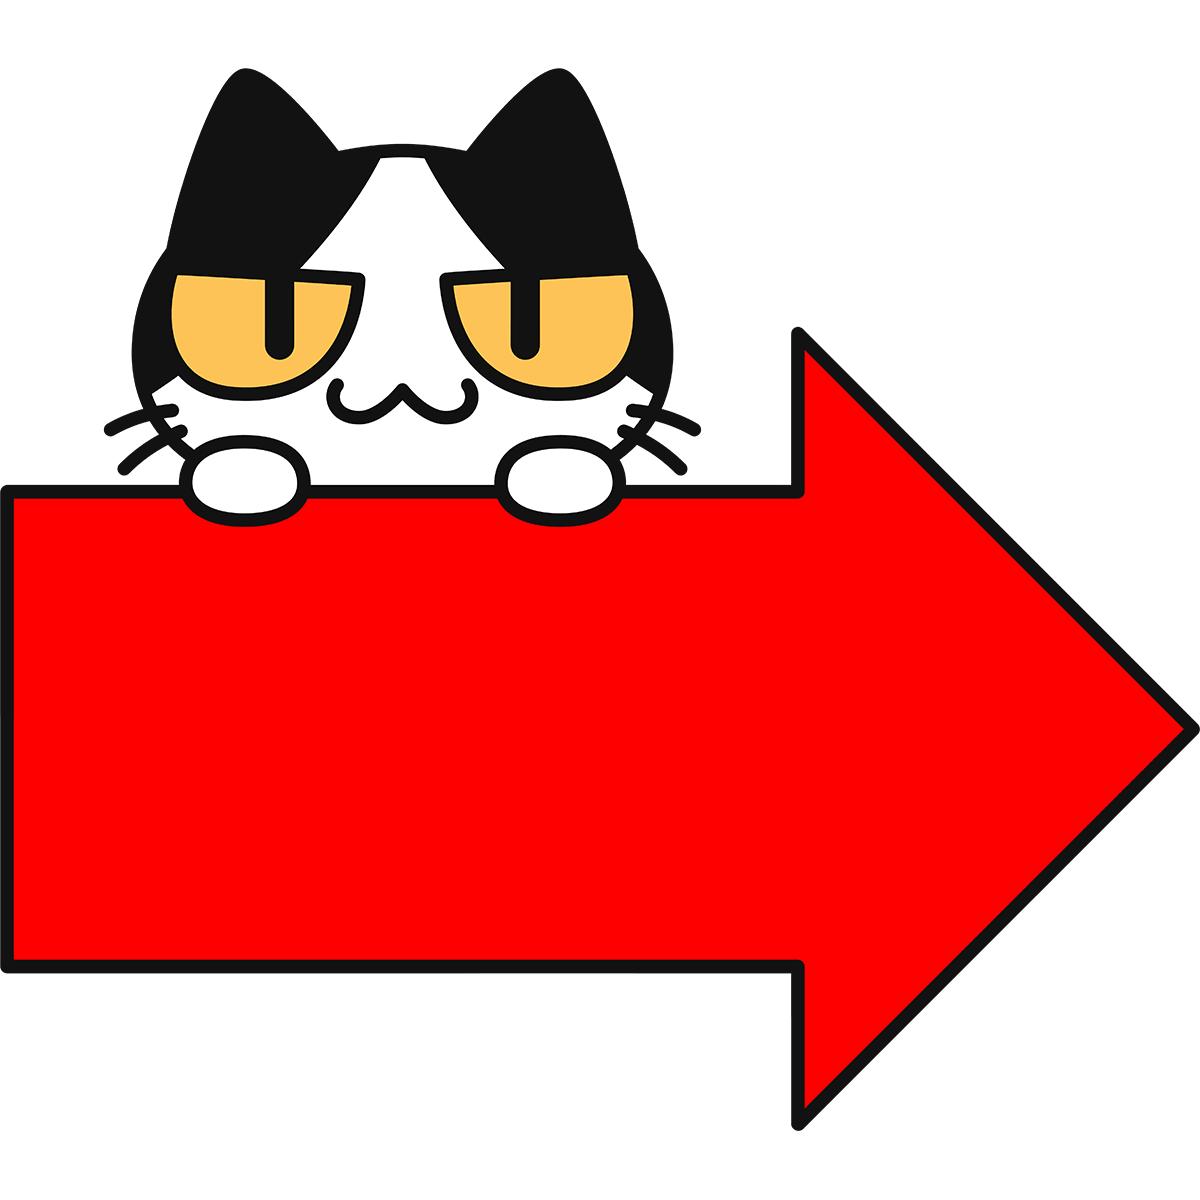 猫(コハク)と矢印の無料イラスト